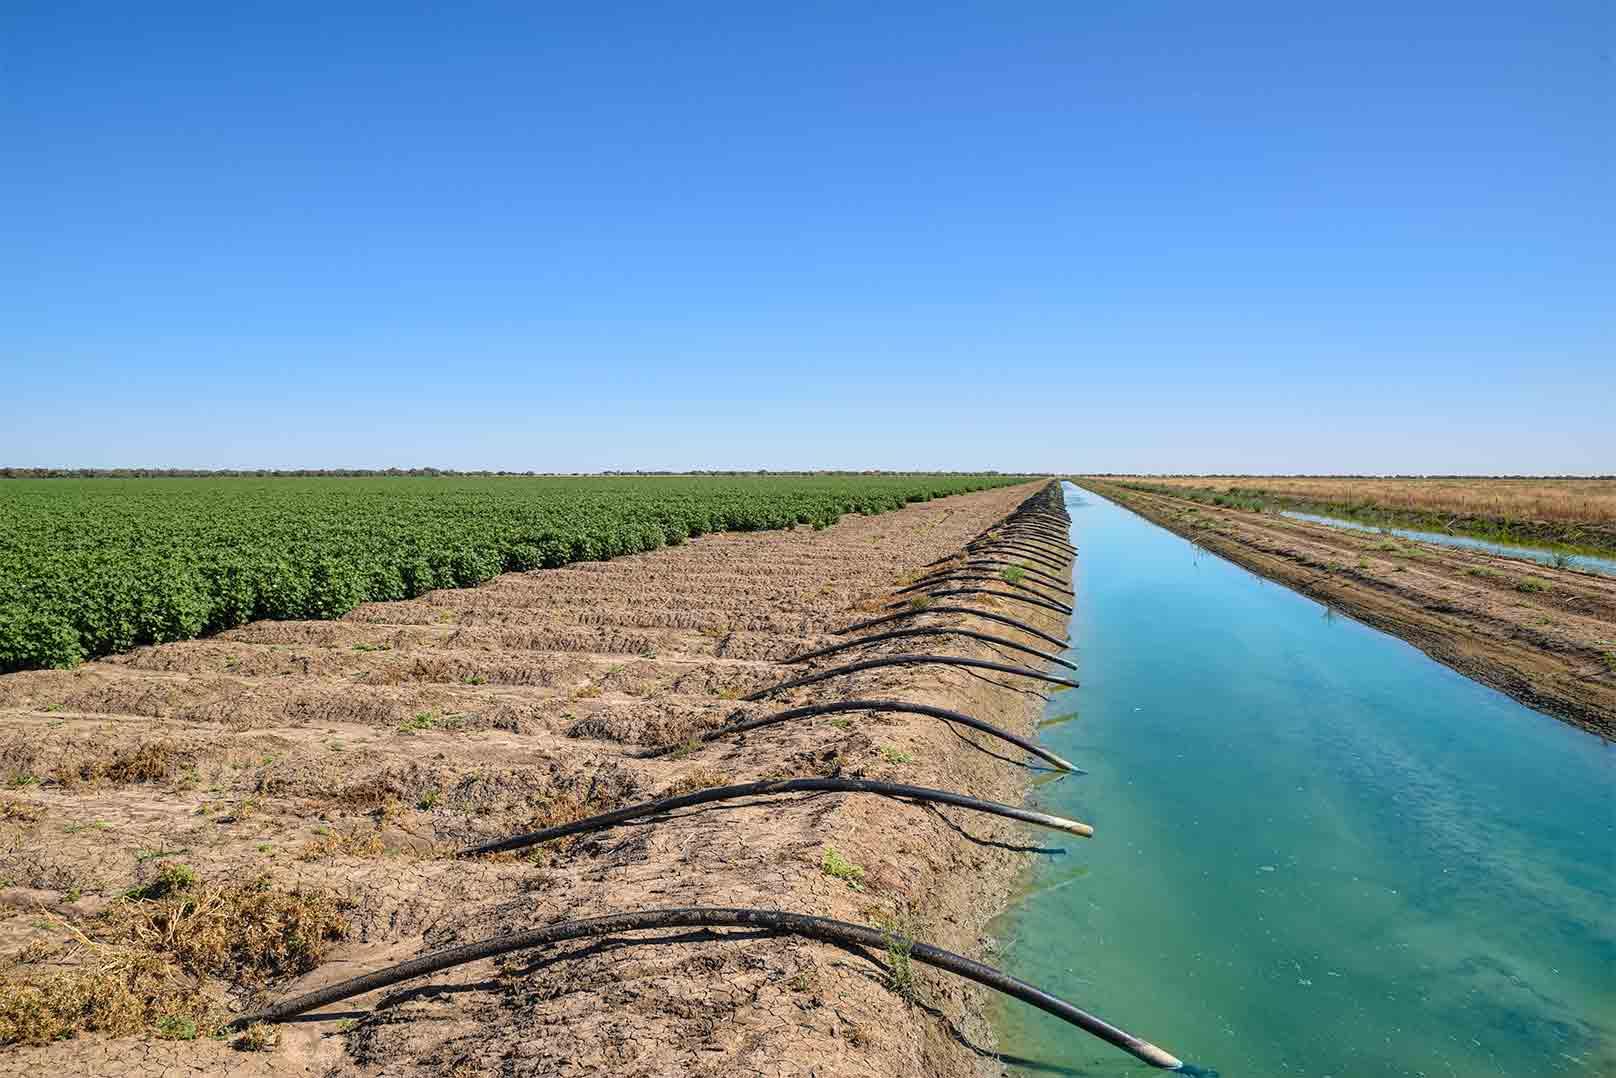 Impatti ambientali for Irrigazione per sommersione